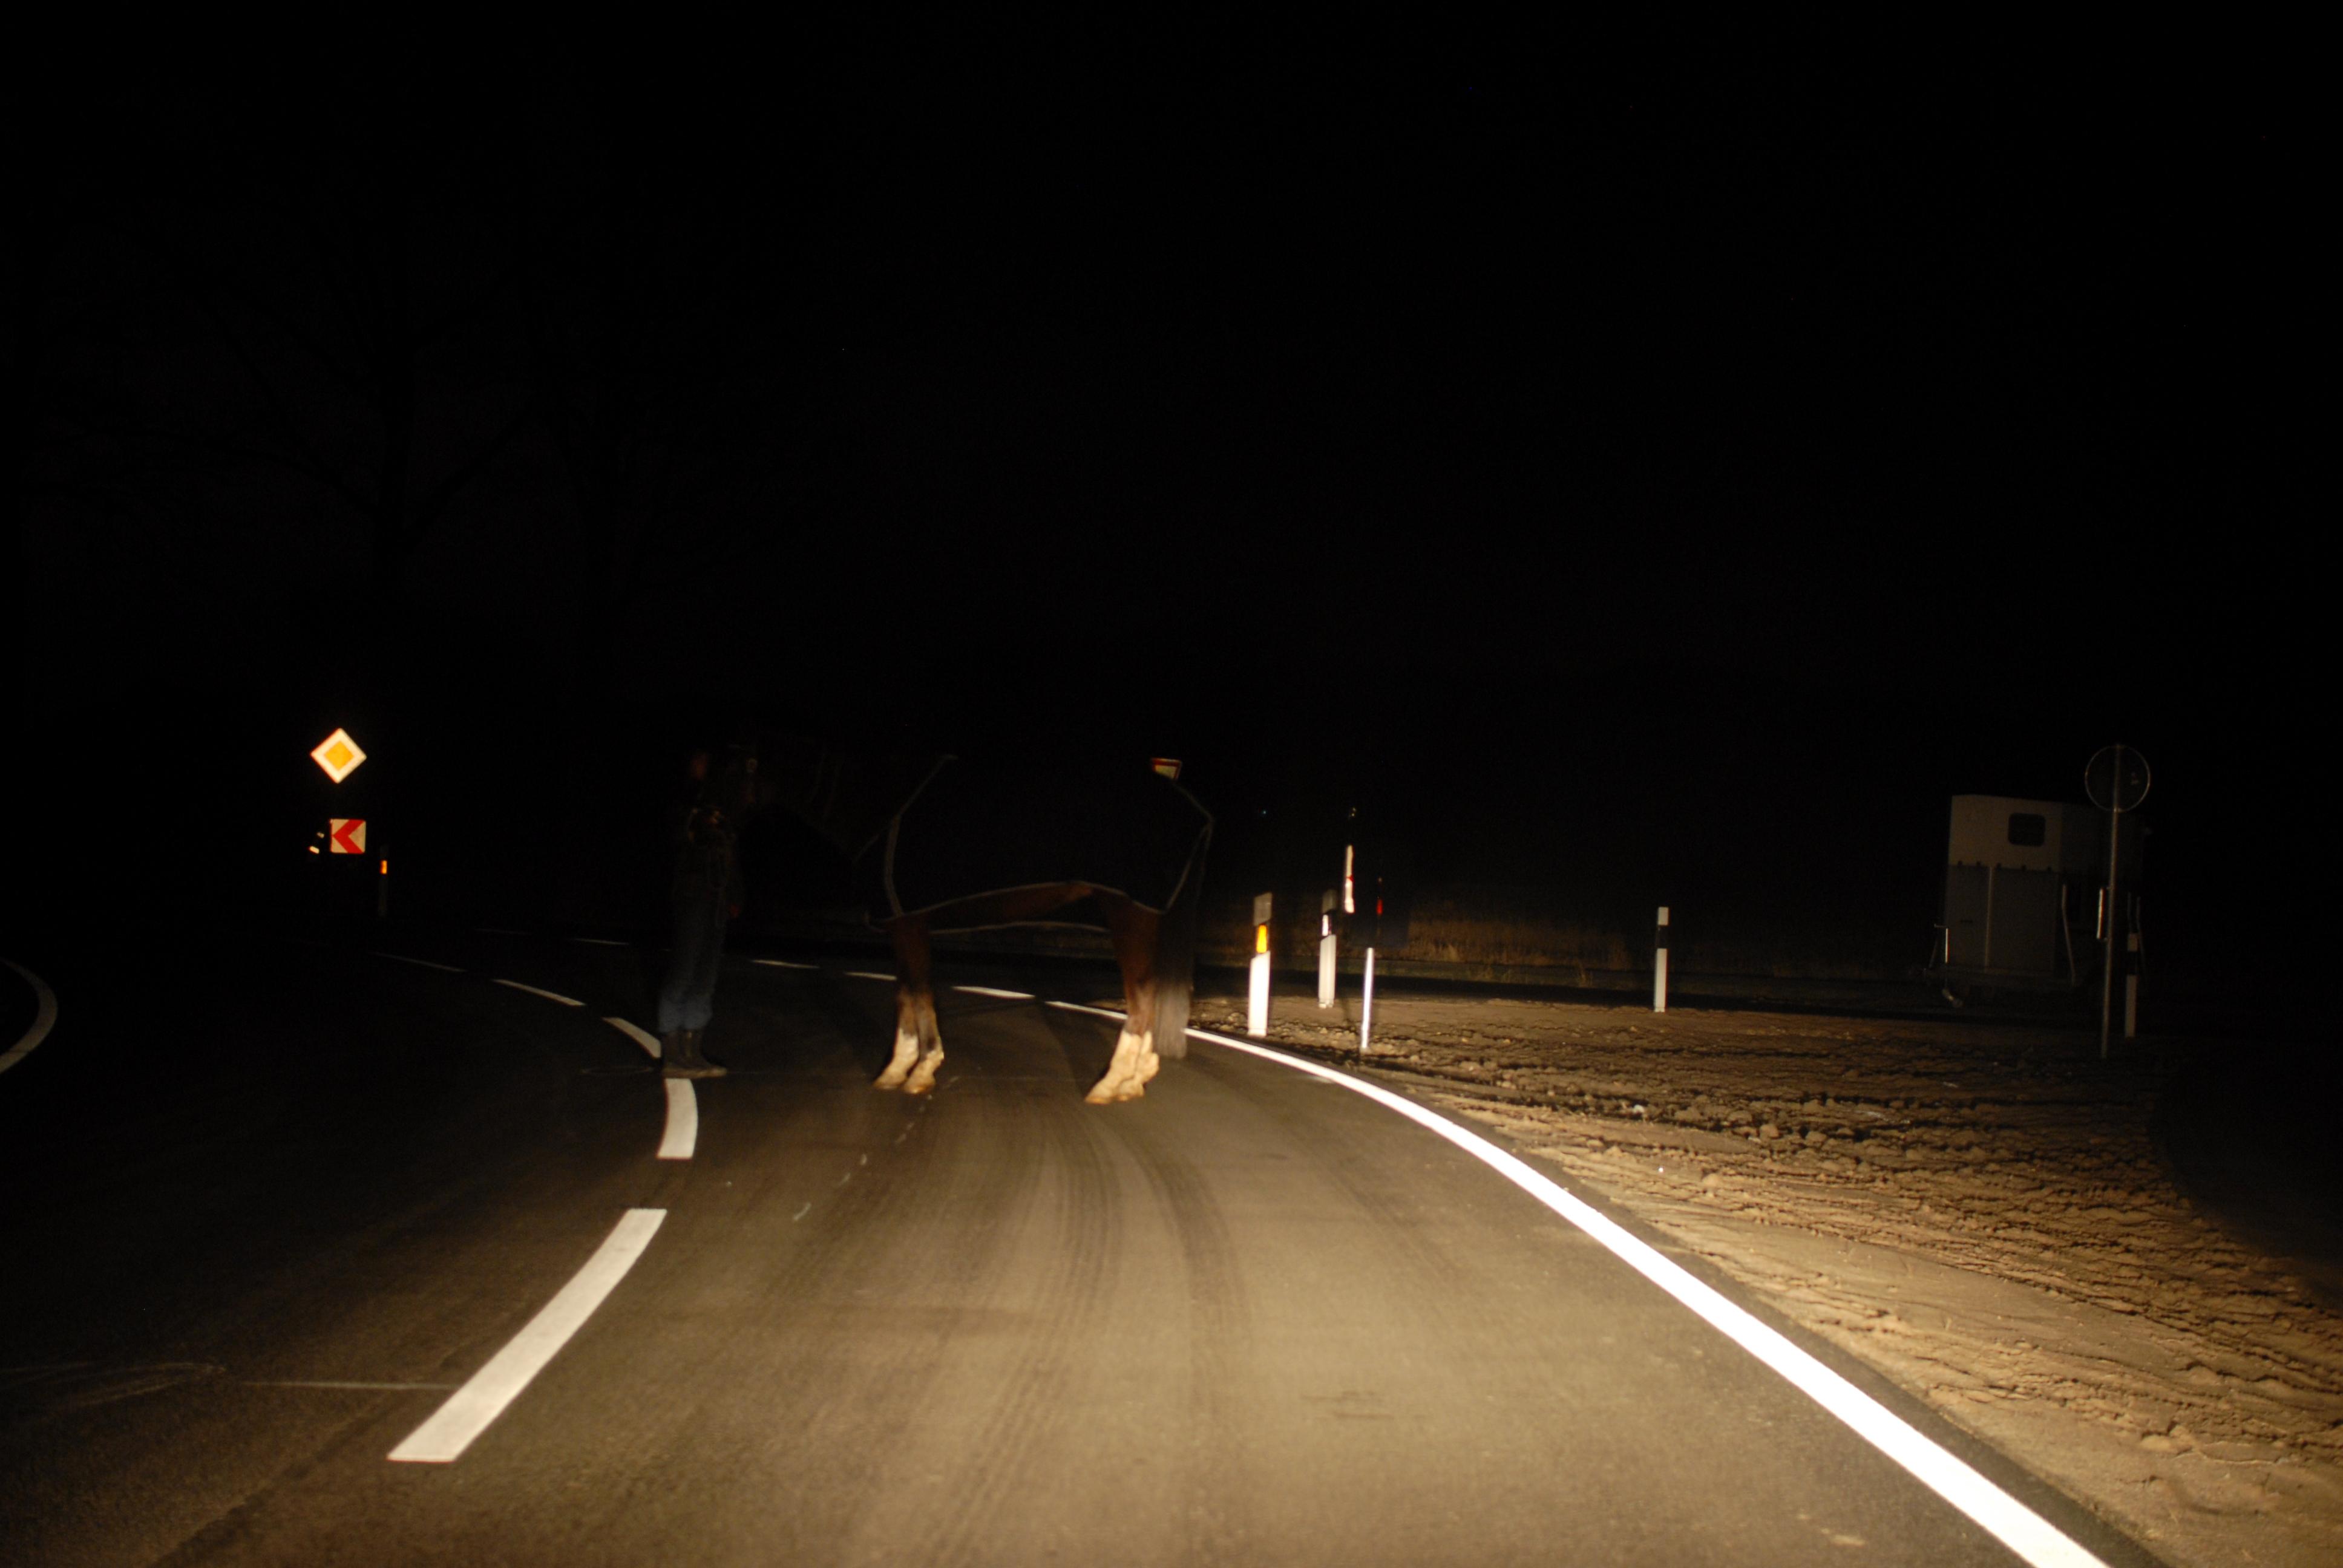 Sicht auf ein die Straße überquerendes Pferd